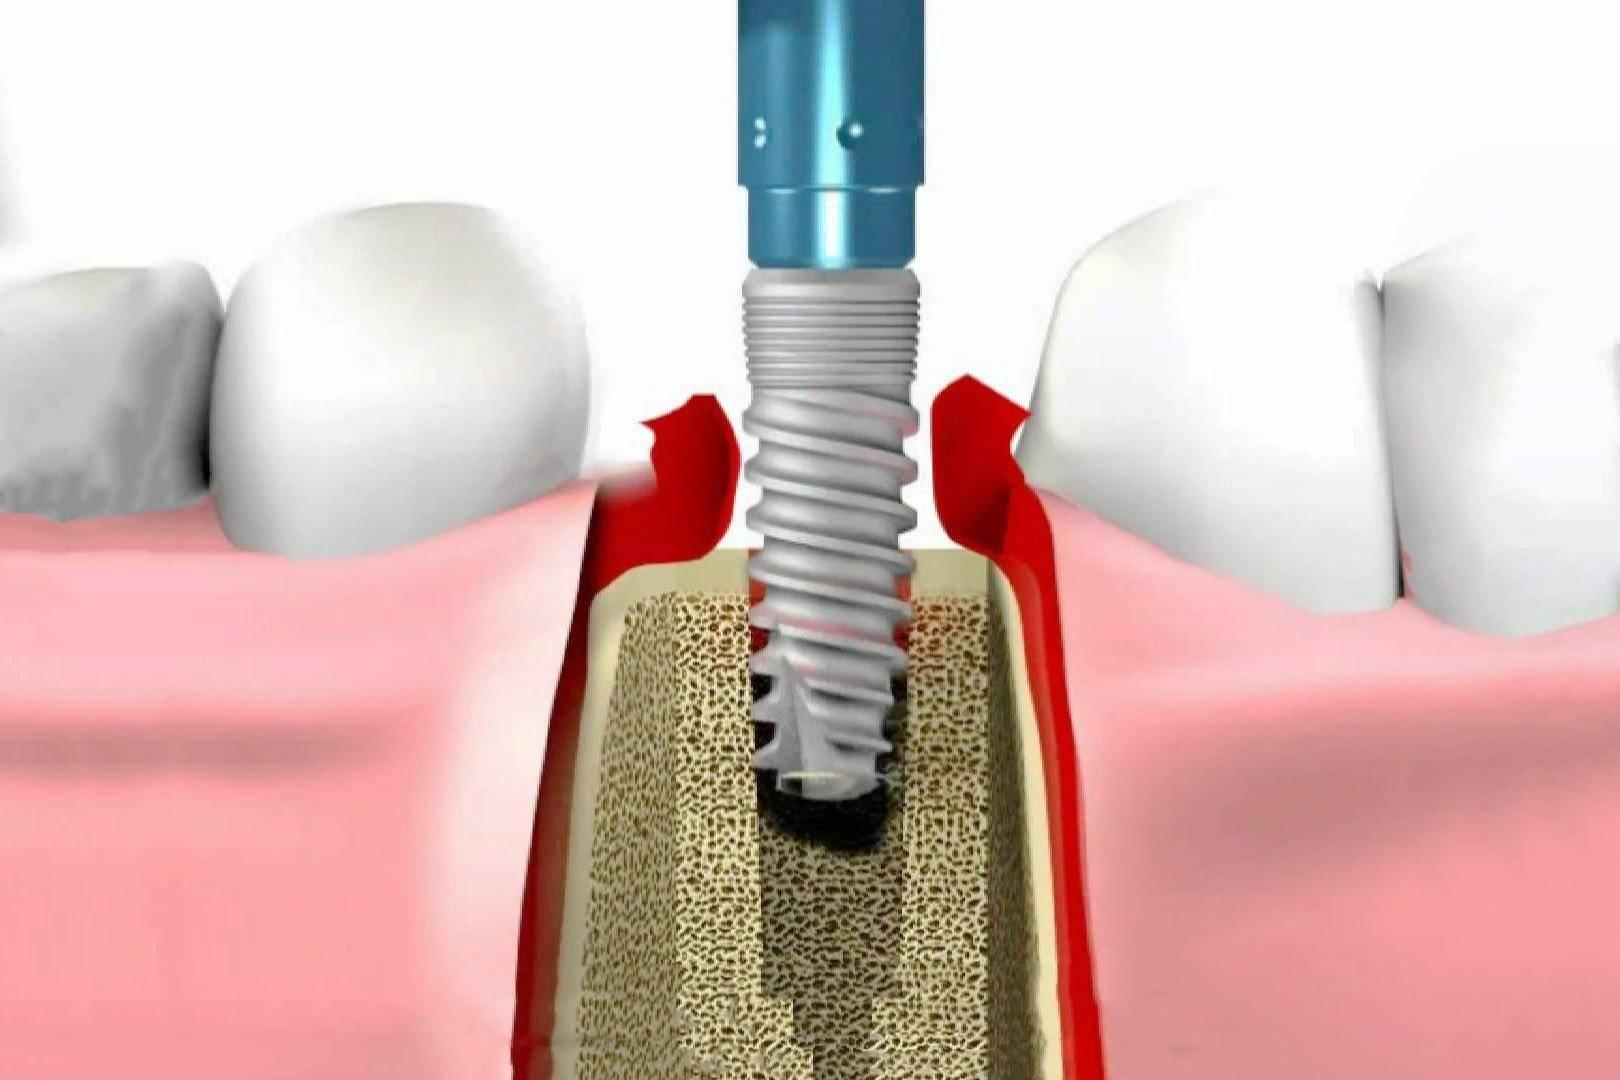 Установка зубных имплантов: противопоказания, возрастные ограничения и возможные осложнения имплантации